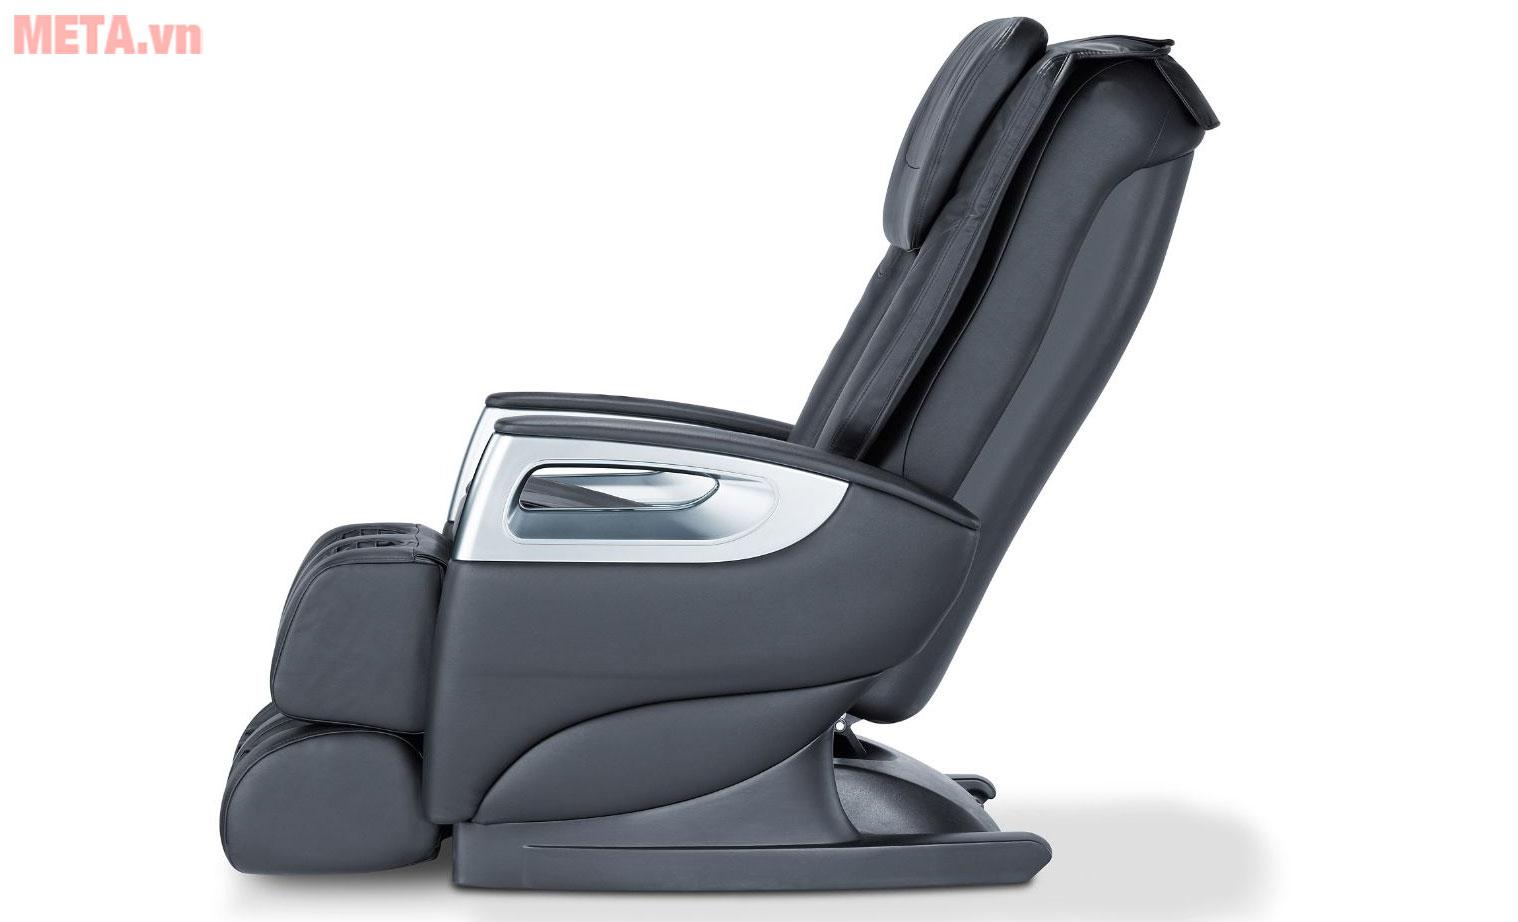 Sử dụng ghế massage Beurer MC5000